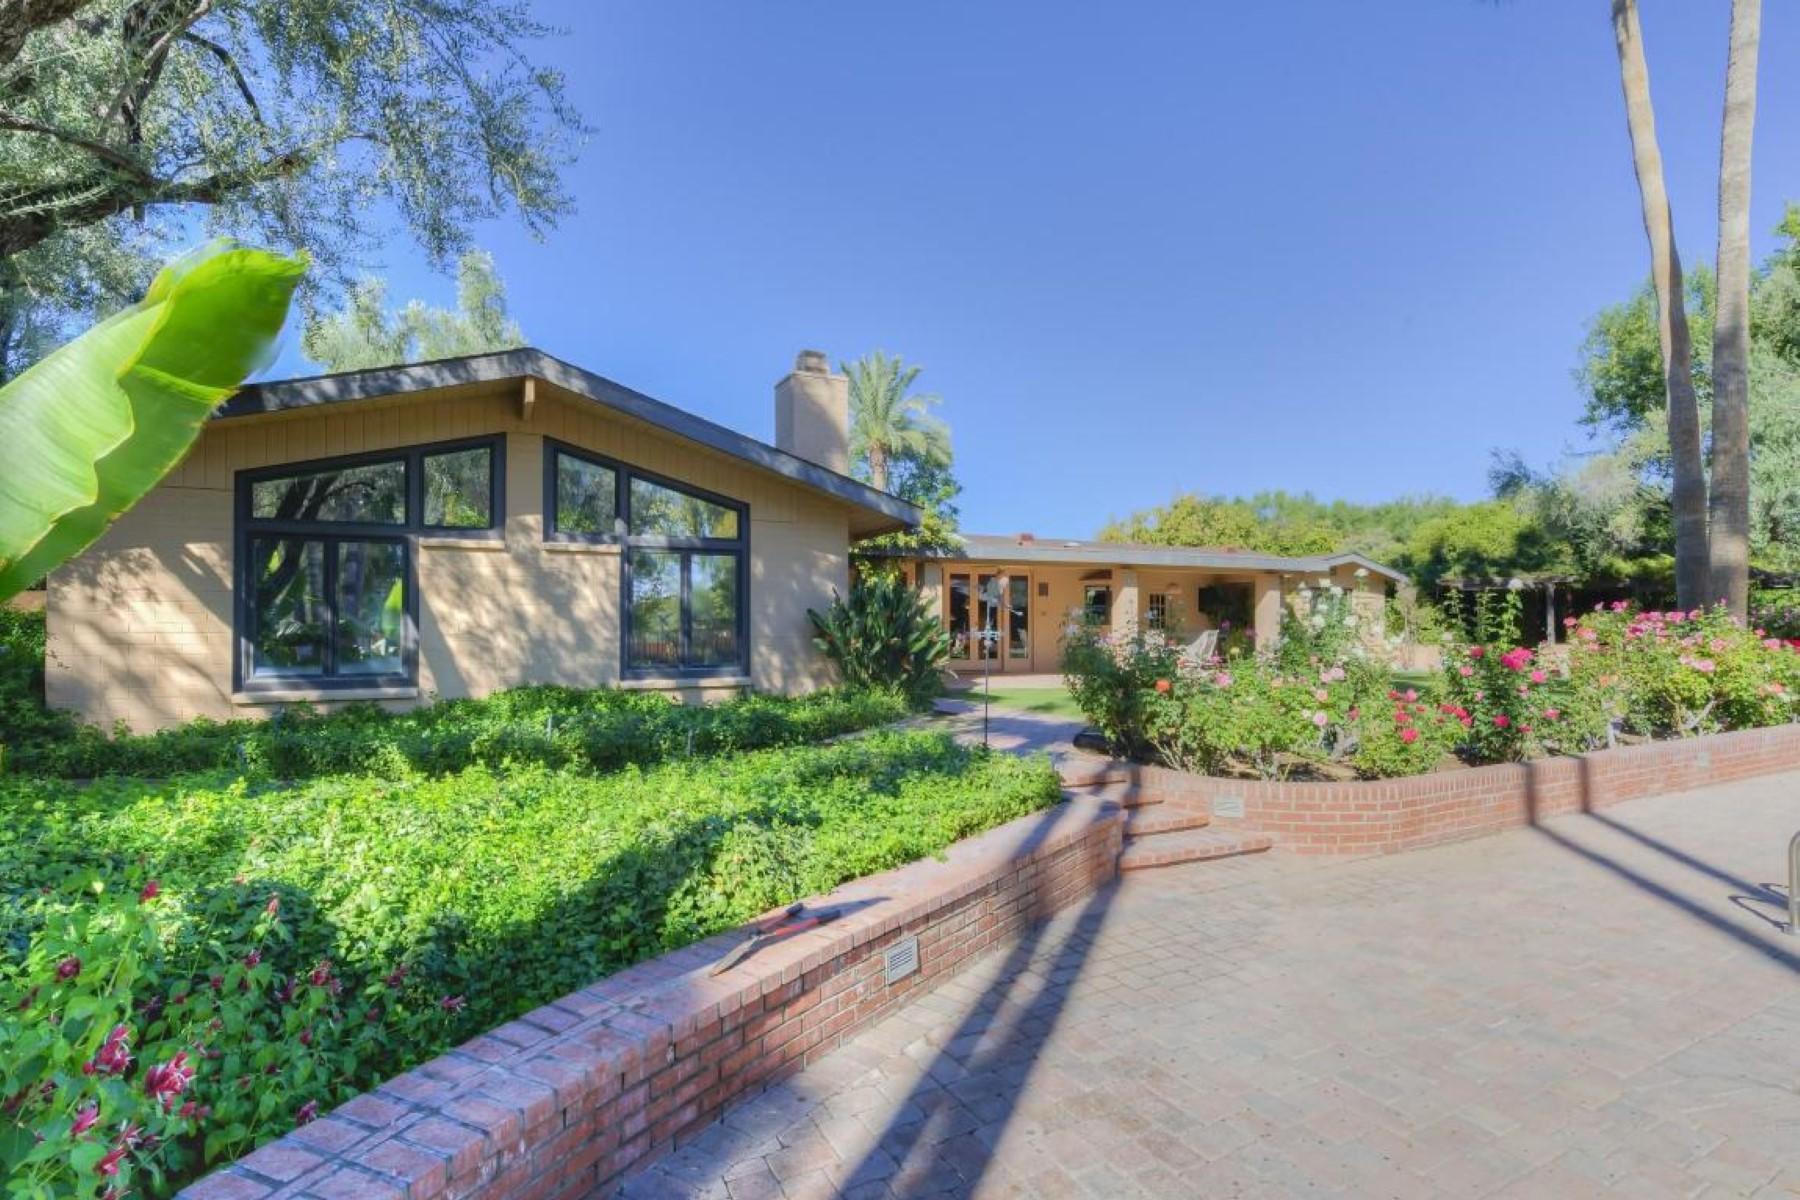 Casa Unifamiliar por un Venta en Enchanting Property on Nearly 2 Acres in Paradise Valley 5505 N Casa Blanca Drive Paradise Valley, Arizona 85253 Estados Unidos